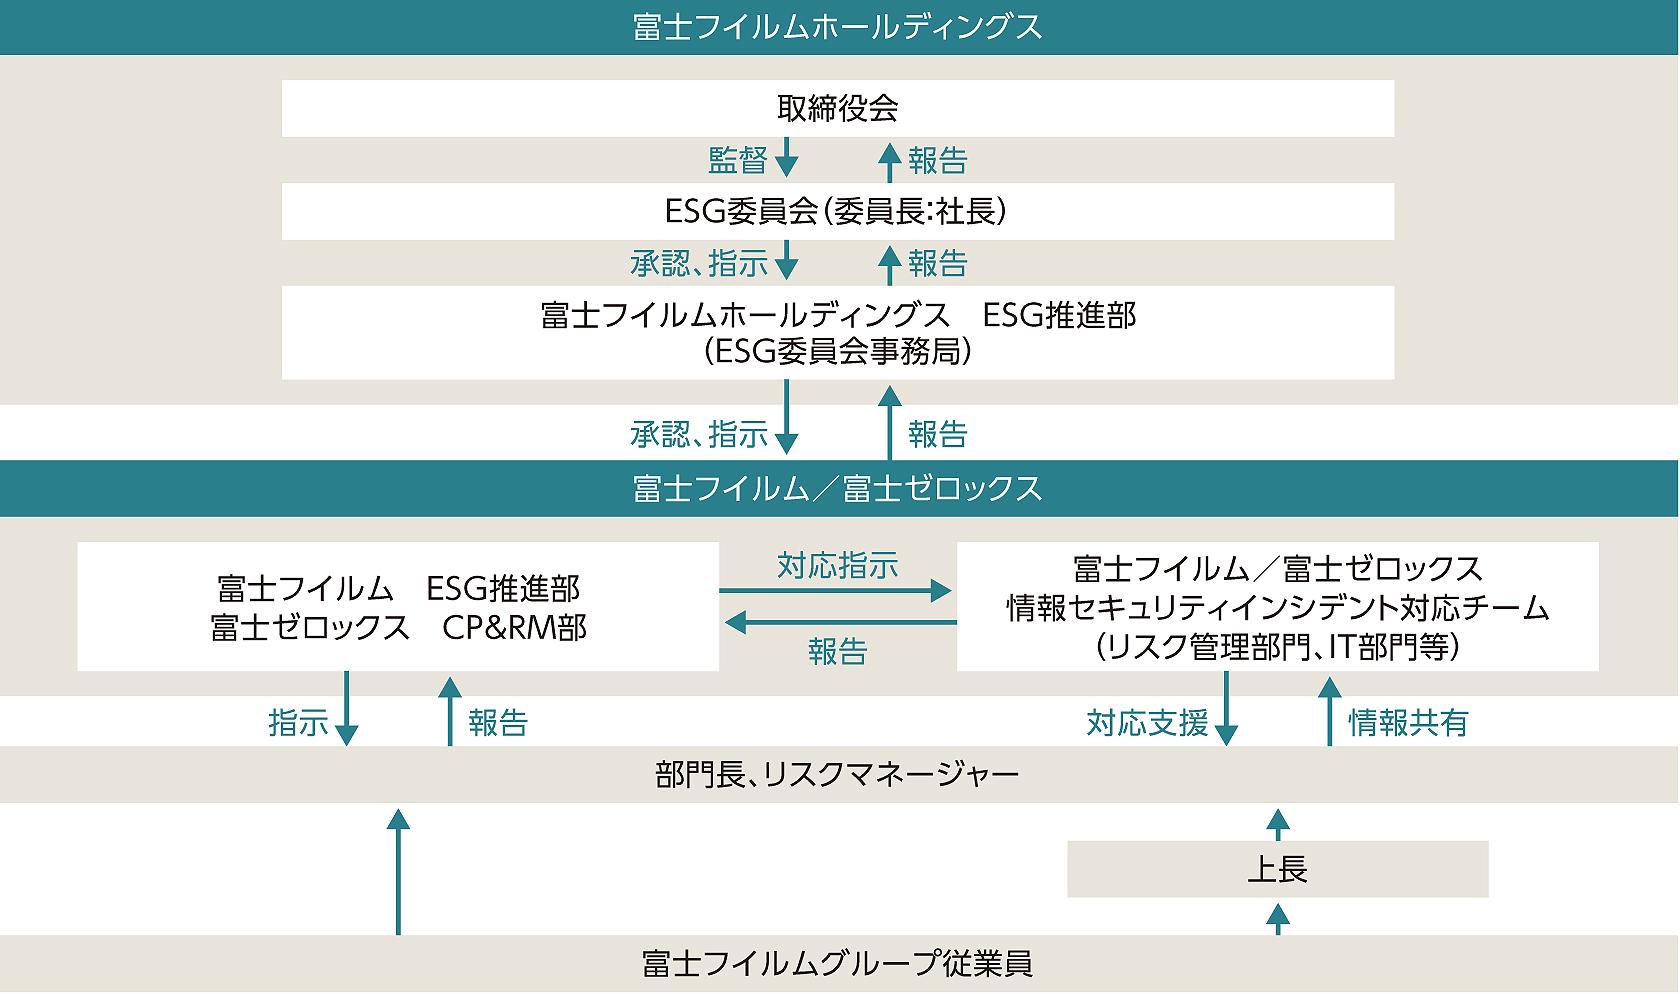 情報セキュリティ事故の報告手順